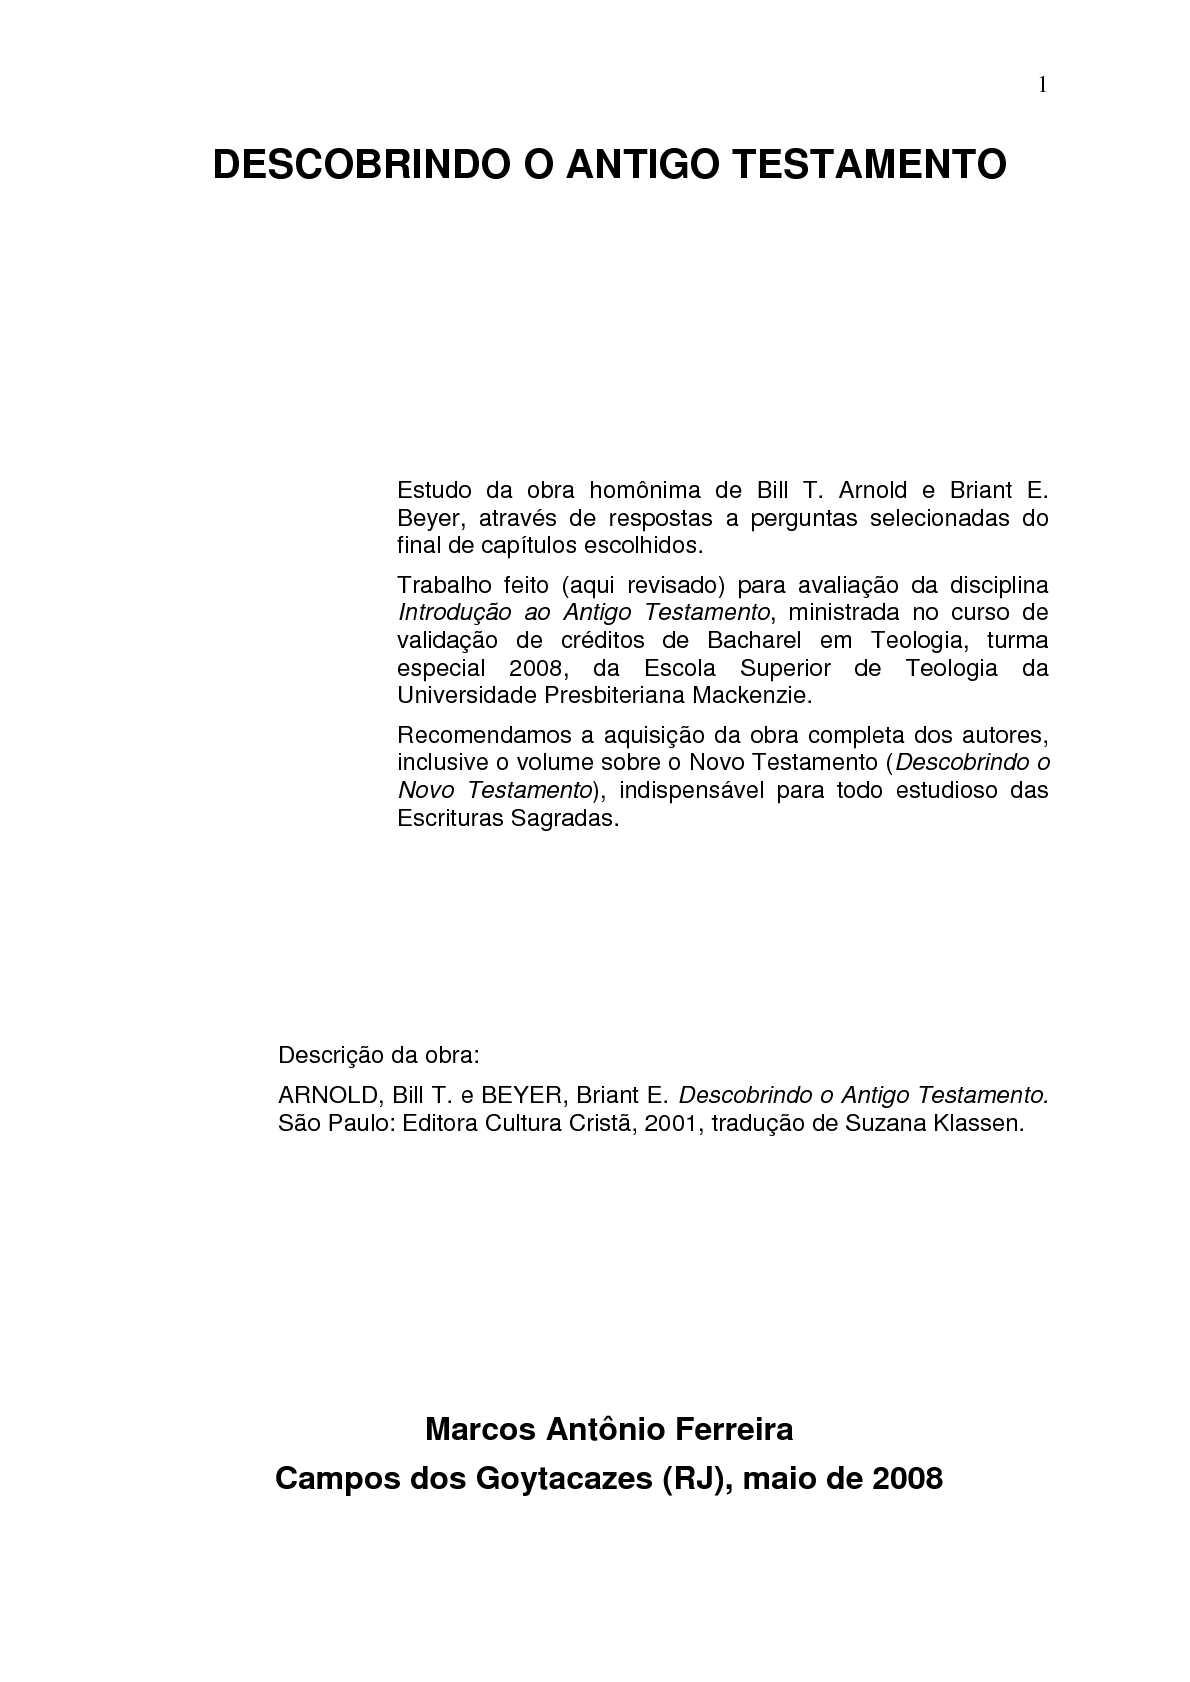 DESCOBRINDO O ANTIGO TESTAMENTO (estudo na obra)